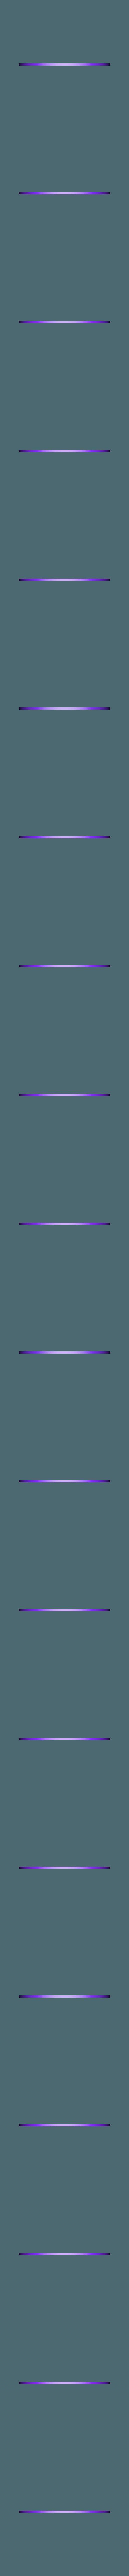 O-Ring-Fix-Lens_v2.stl Télécharger fichier STL gratuit Loupe avec Led Light • Modèle pour imprimante 3D, perinski